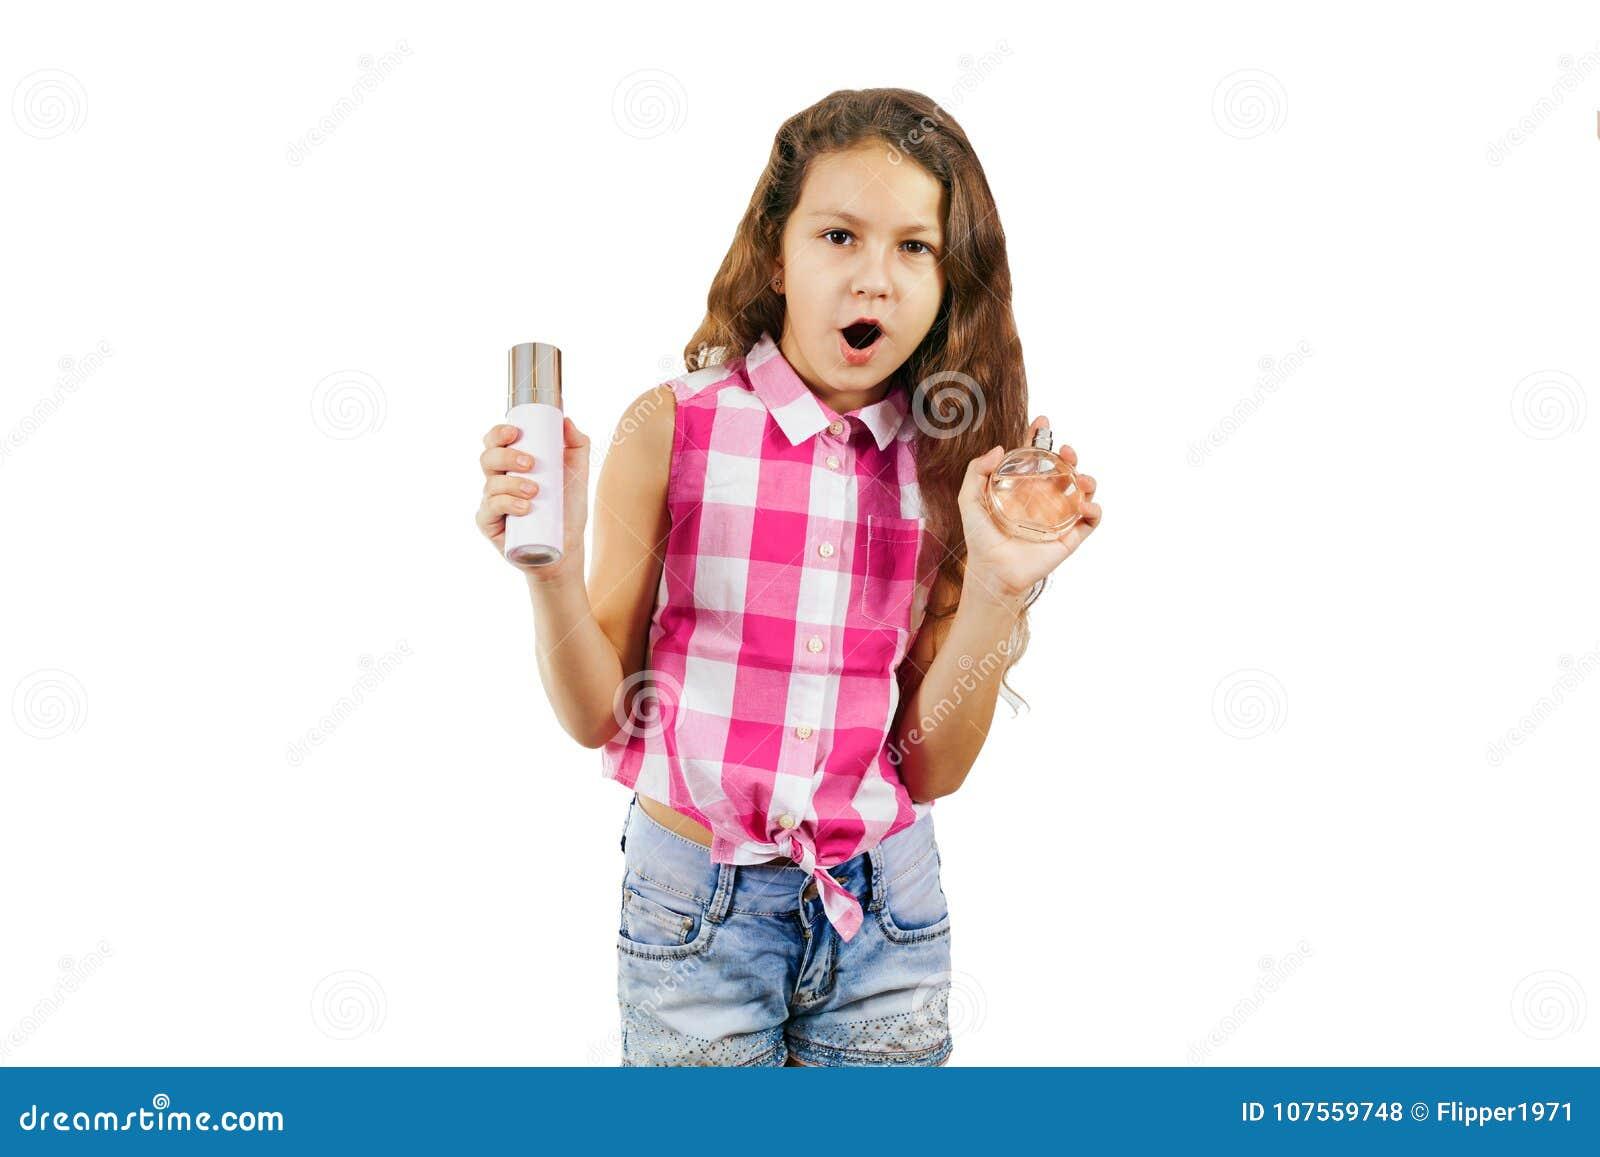 En gullig liten flicka i form av en glamorös diva med hårkammen och